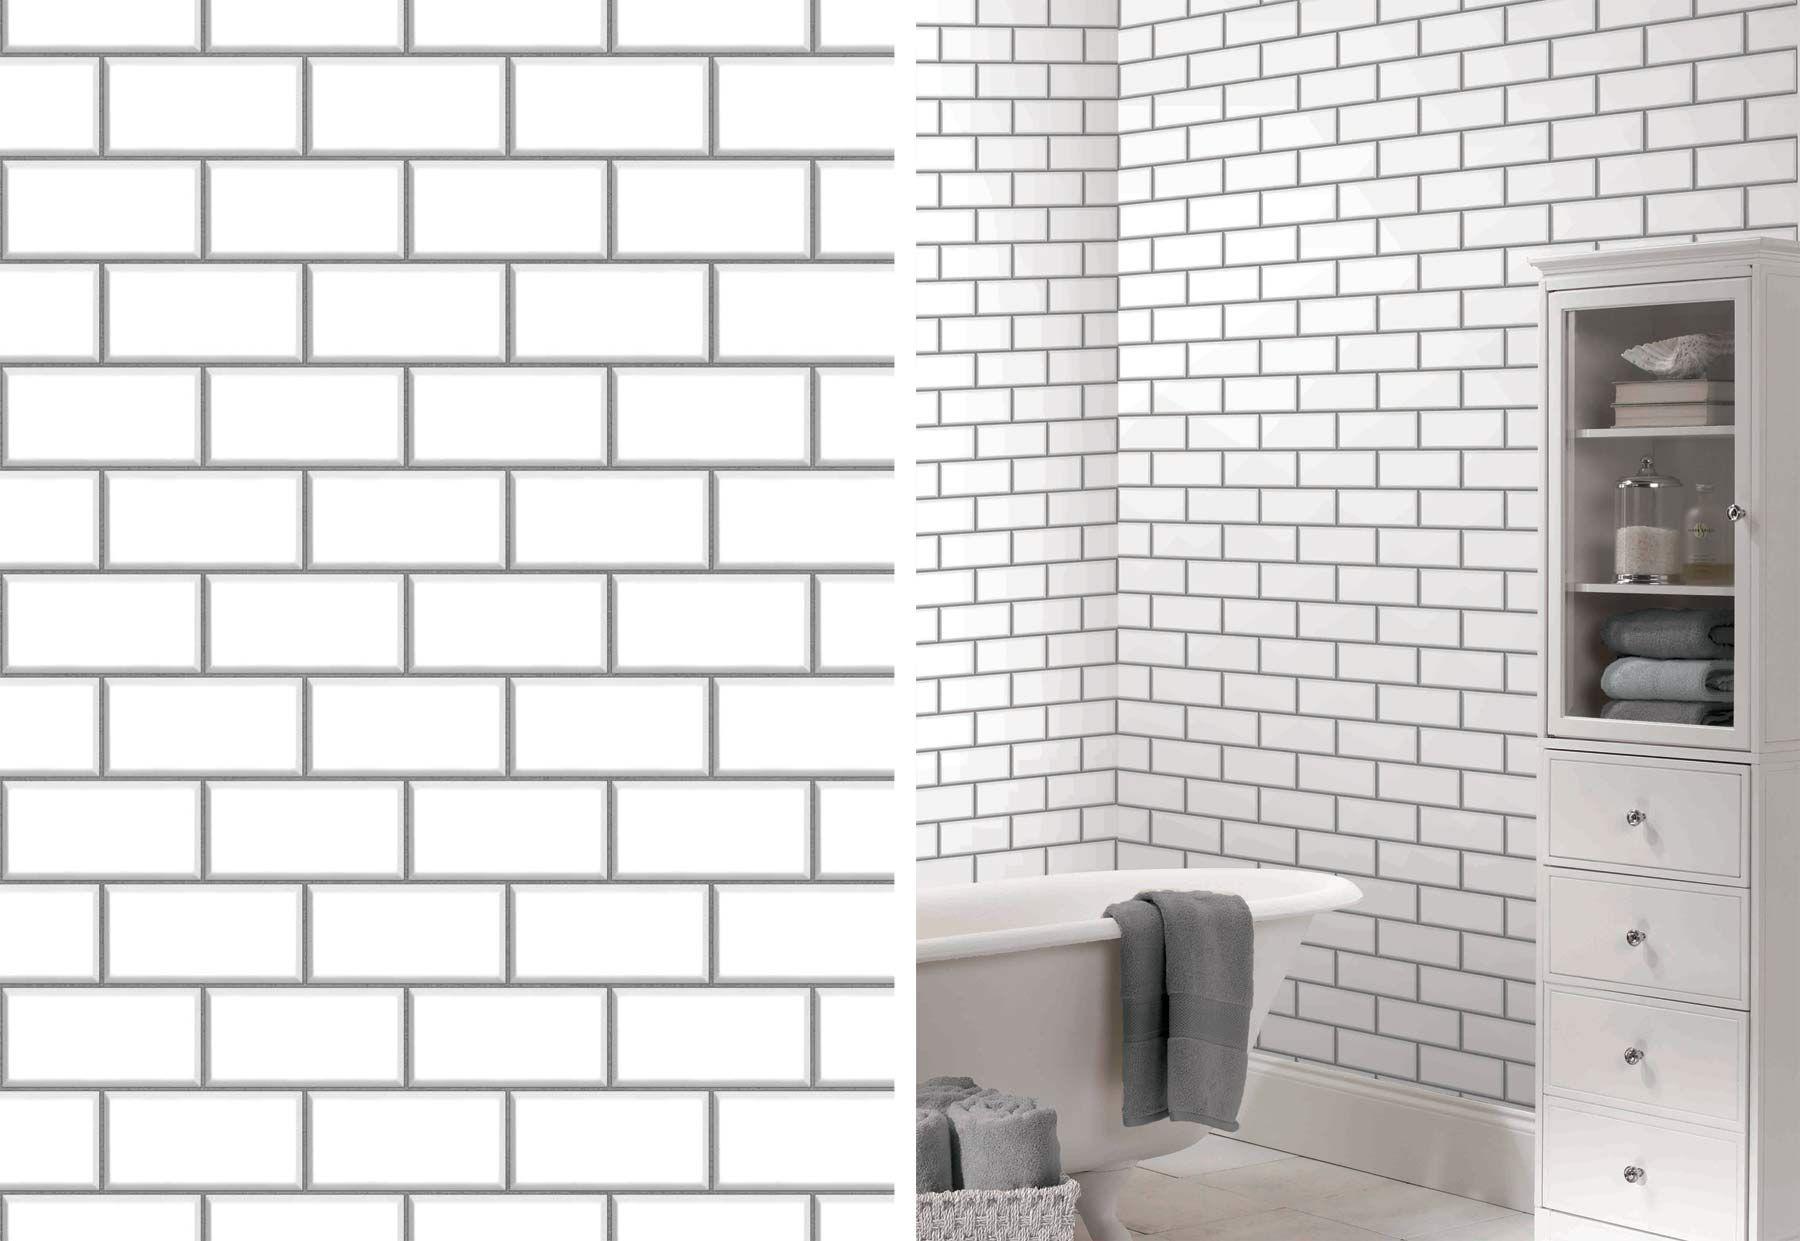 Ceramica New York Subway Tile Brick Wallpaper By Fine Decor Fd40138 Brick Effect Wallpaper Brick Wallpaper New York Subway